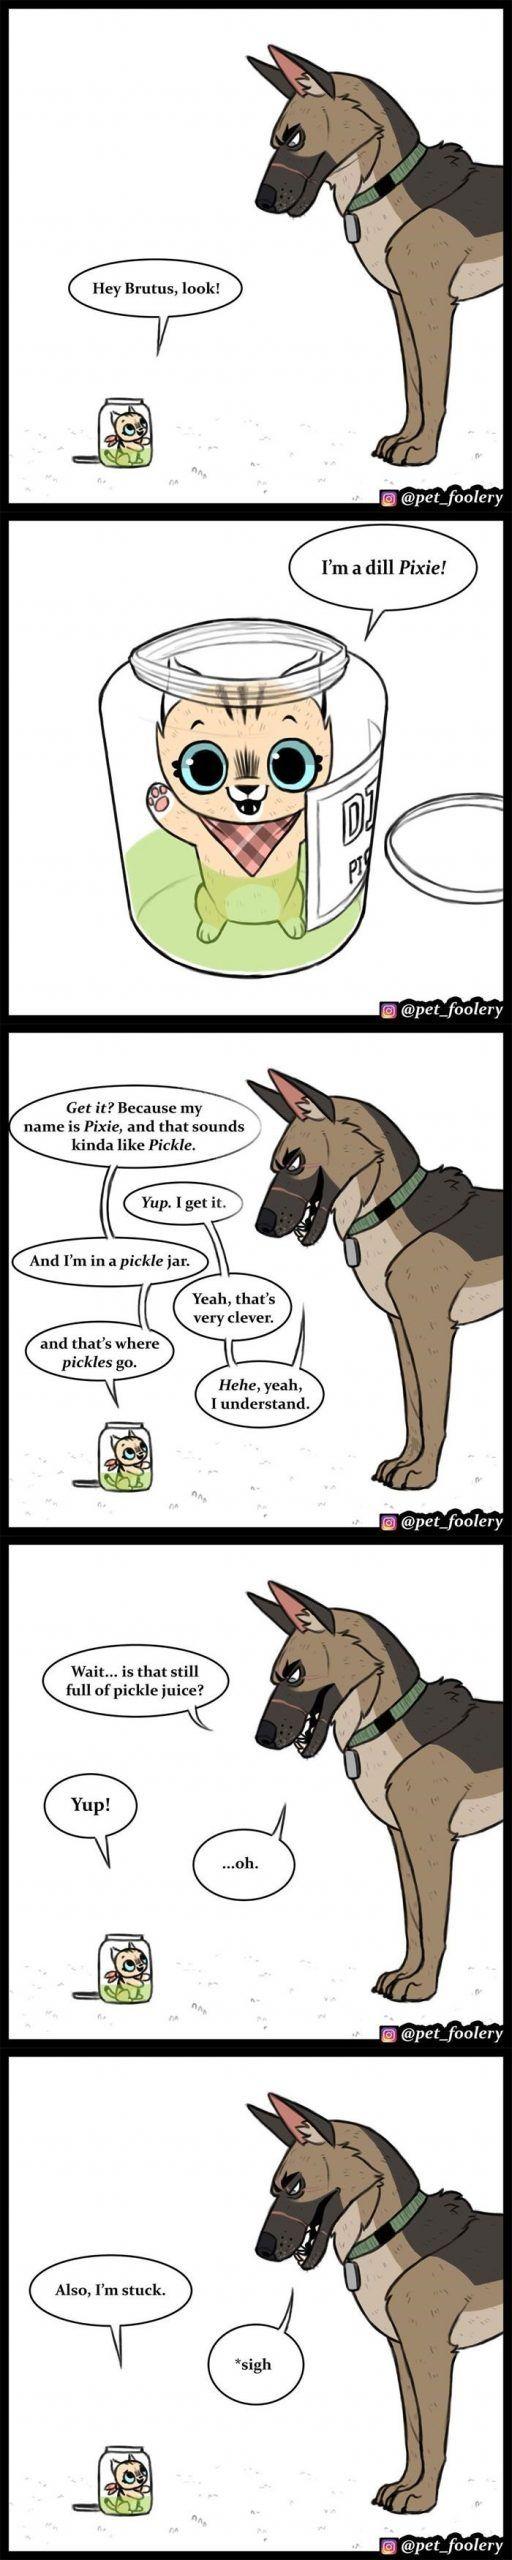 Pixie & Brutus 35#brutus #pixie